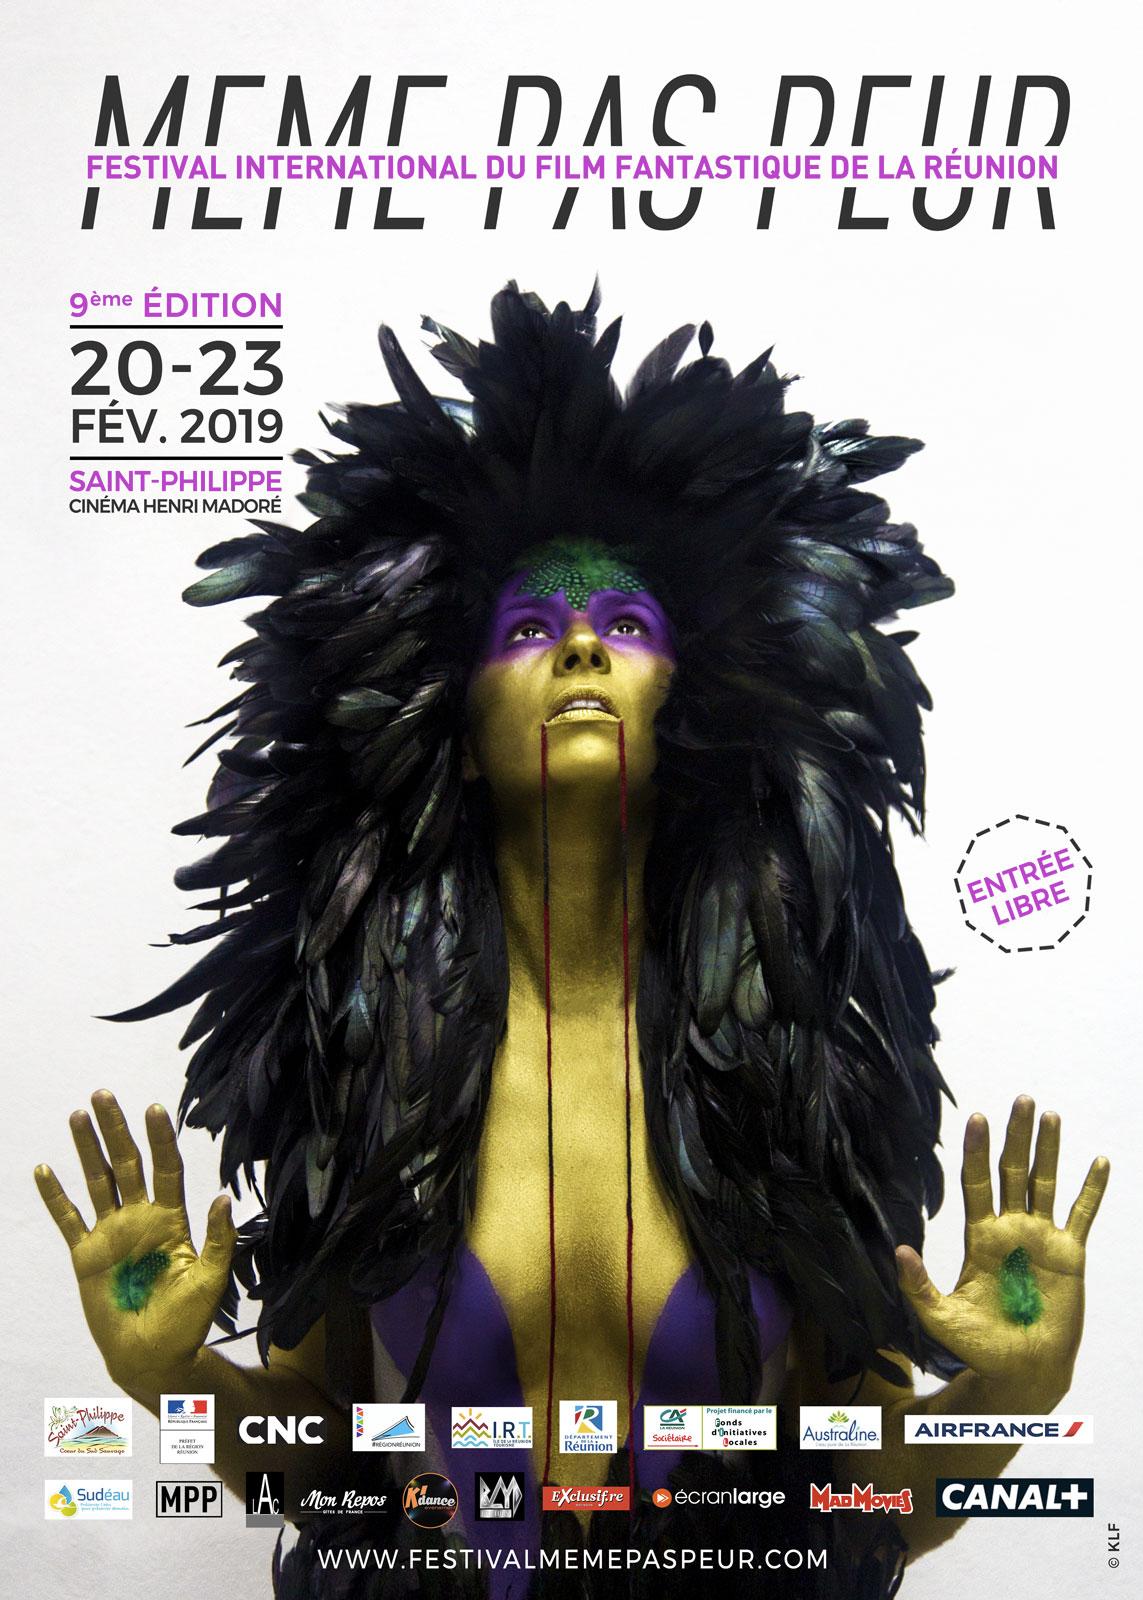 Affiche de la 9ème édition du Festival MEME PAS PEUR